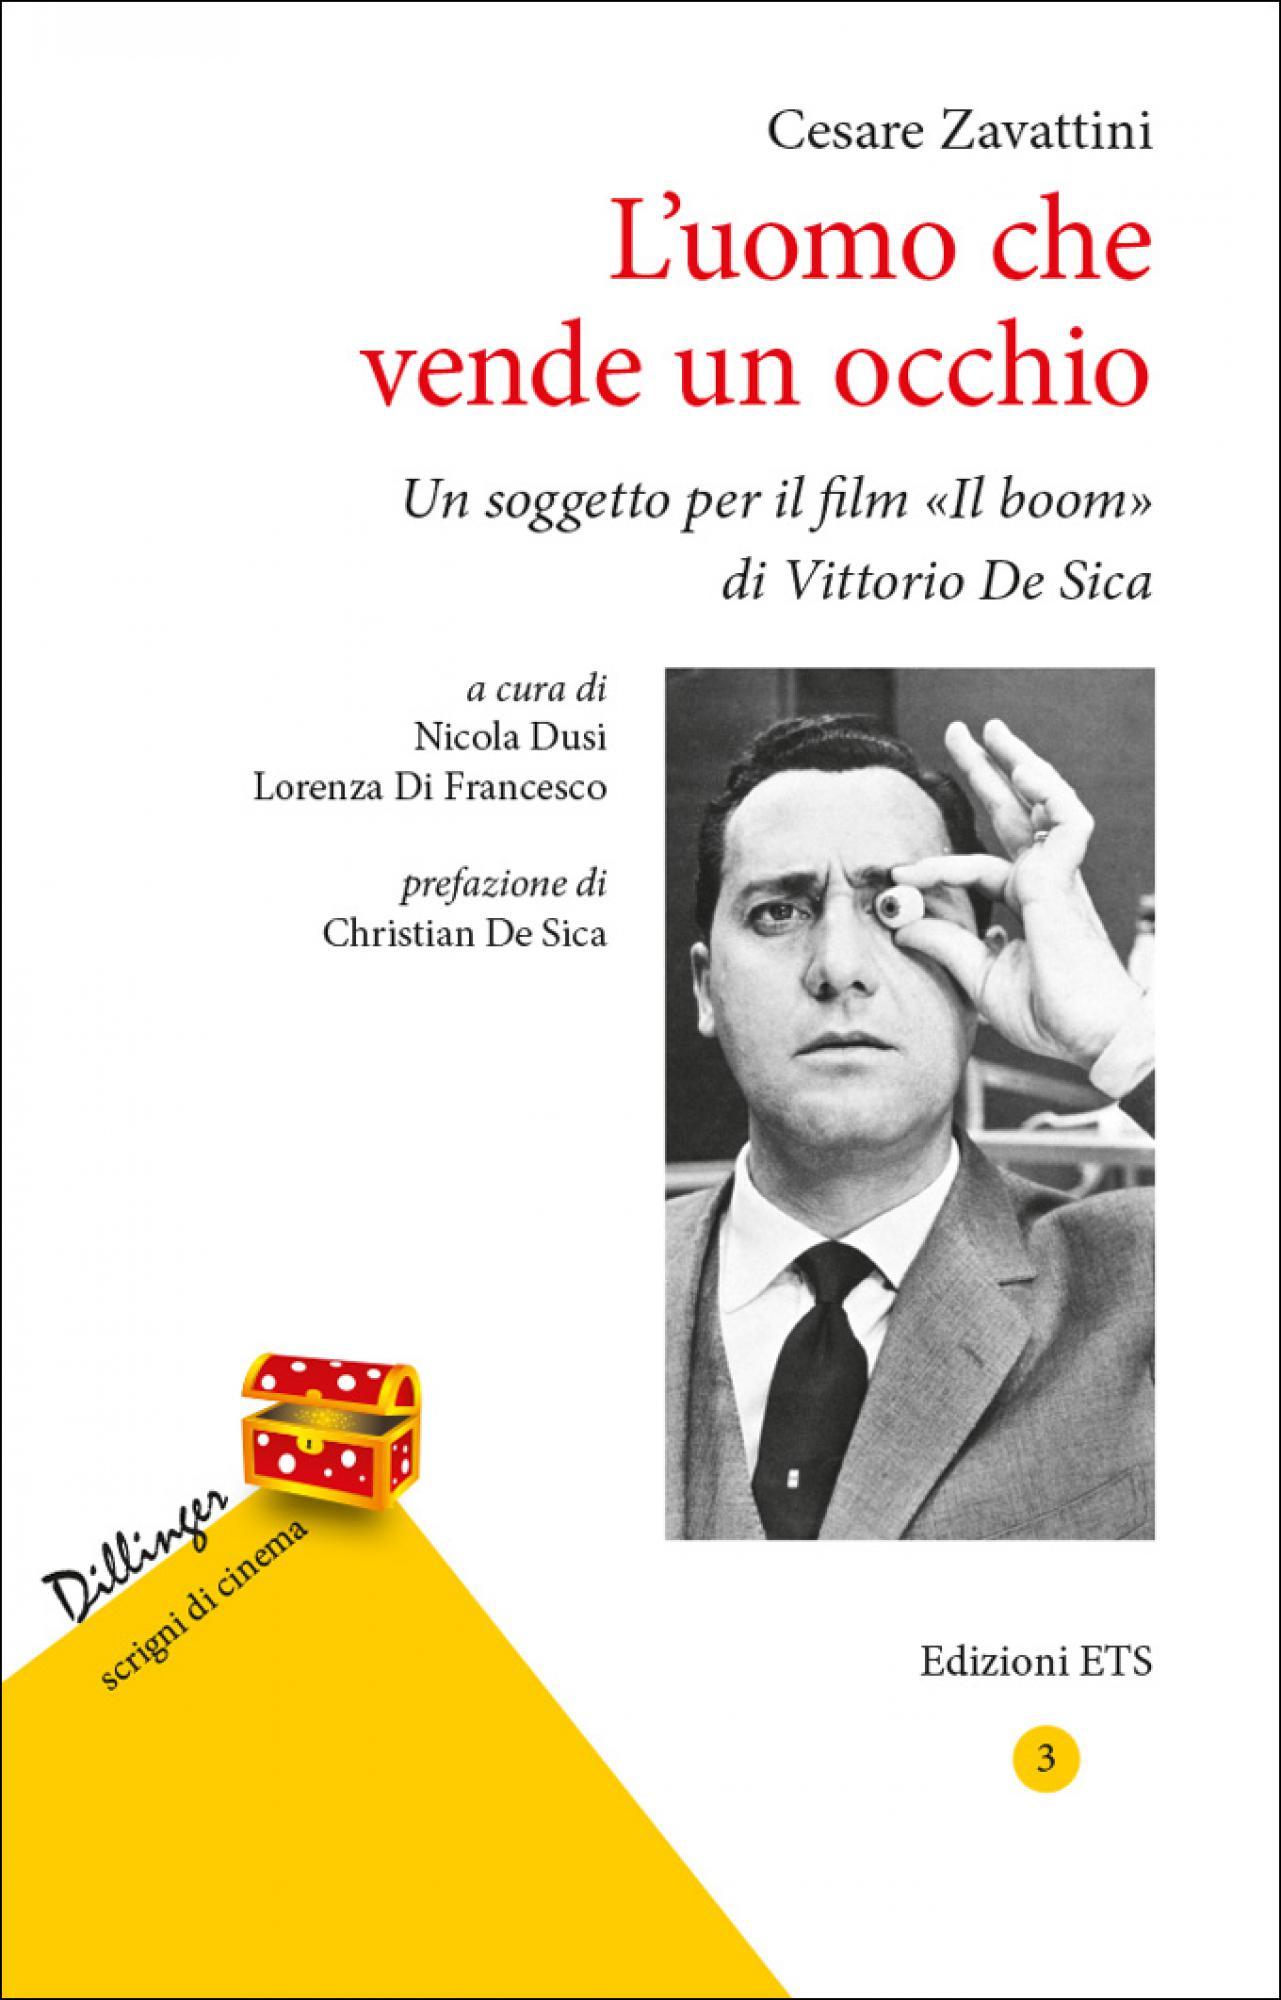 L'uomo che vende un occhio.Un soggetto per il film «Il boom» di Vittorio De Sica